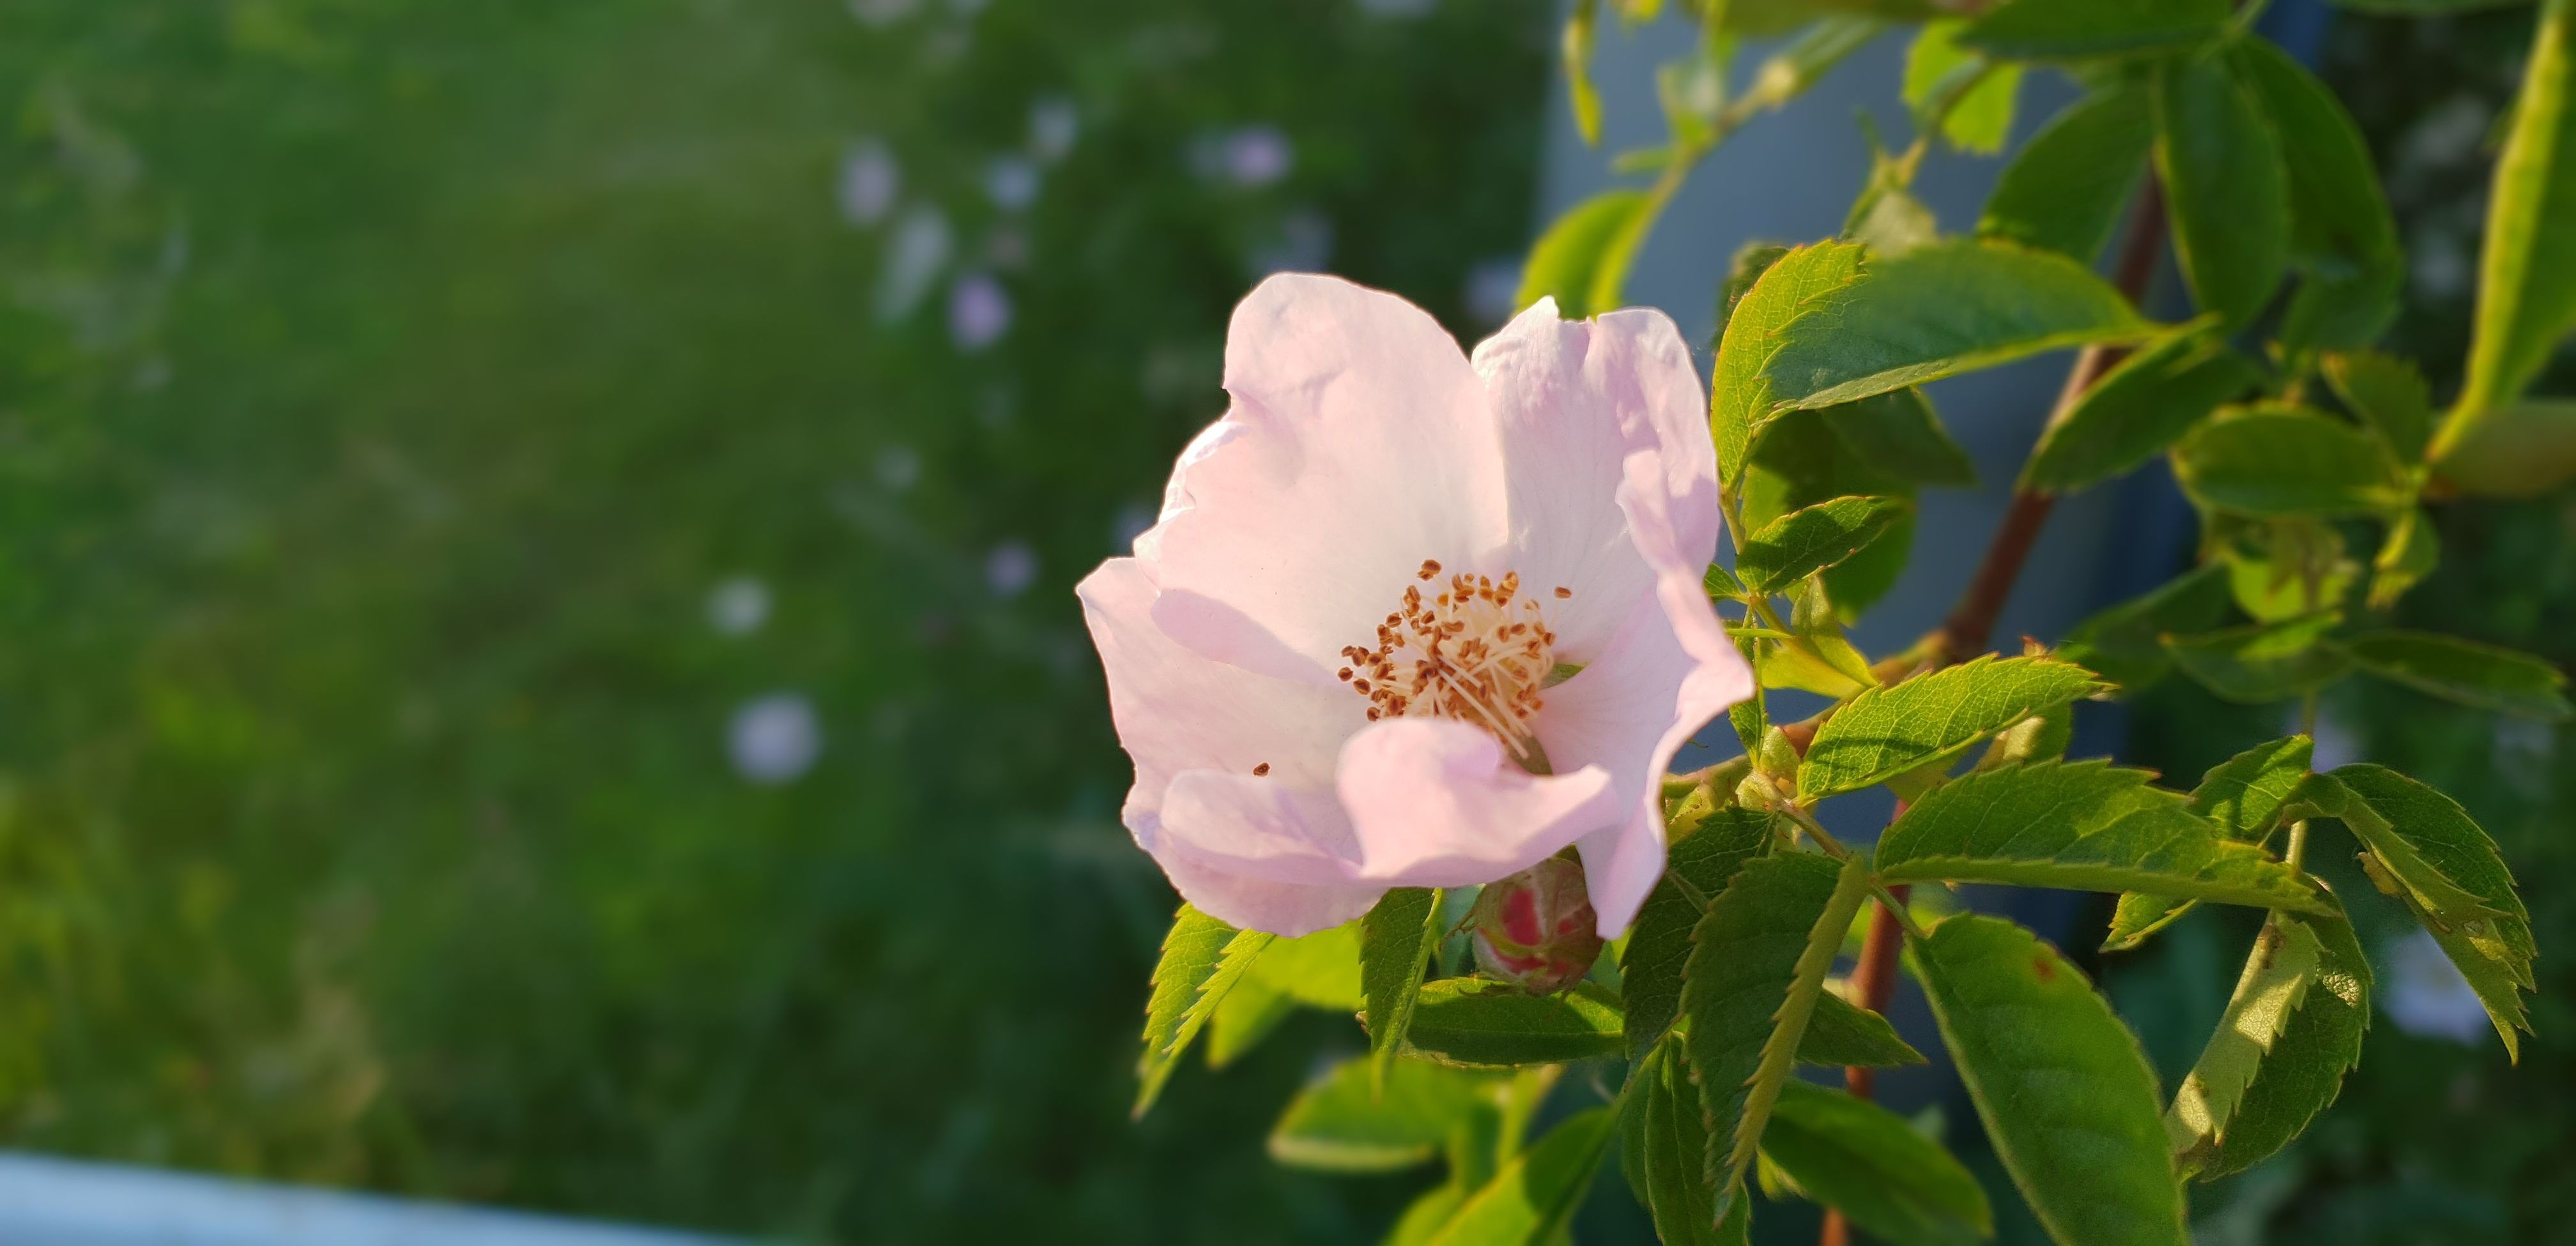 Jak dlouho zůstane tato květina krásná bez včely...